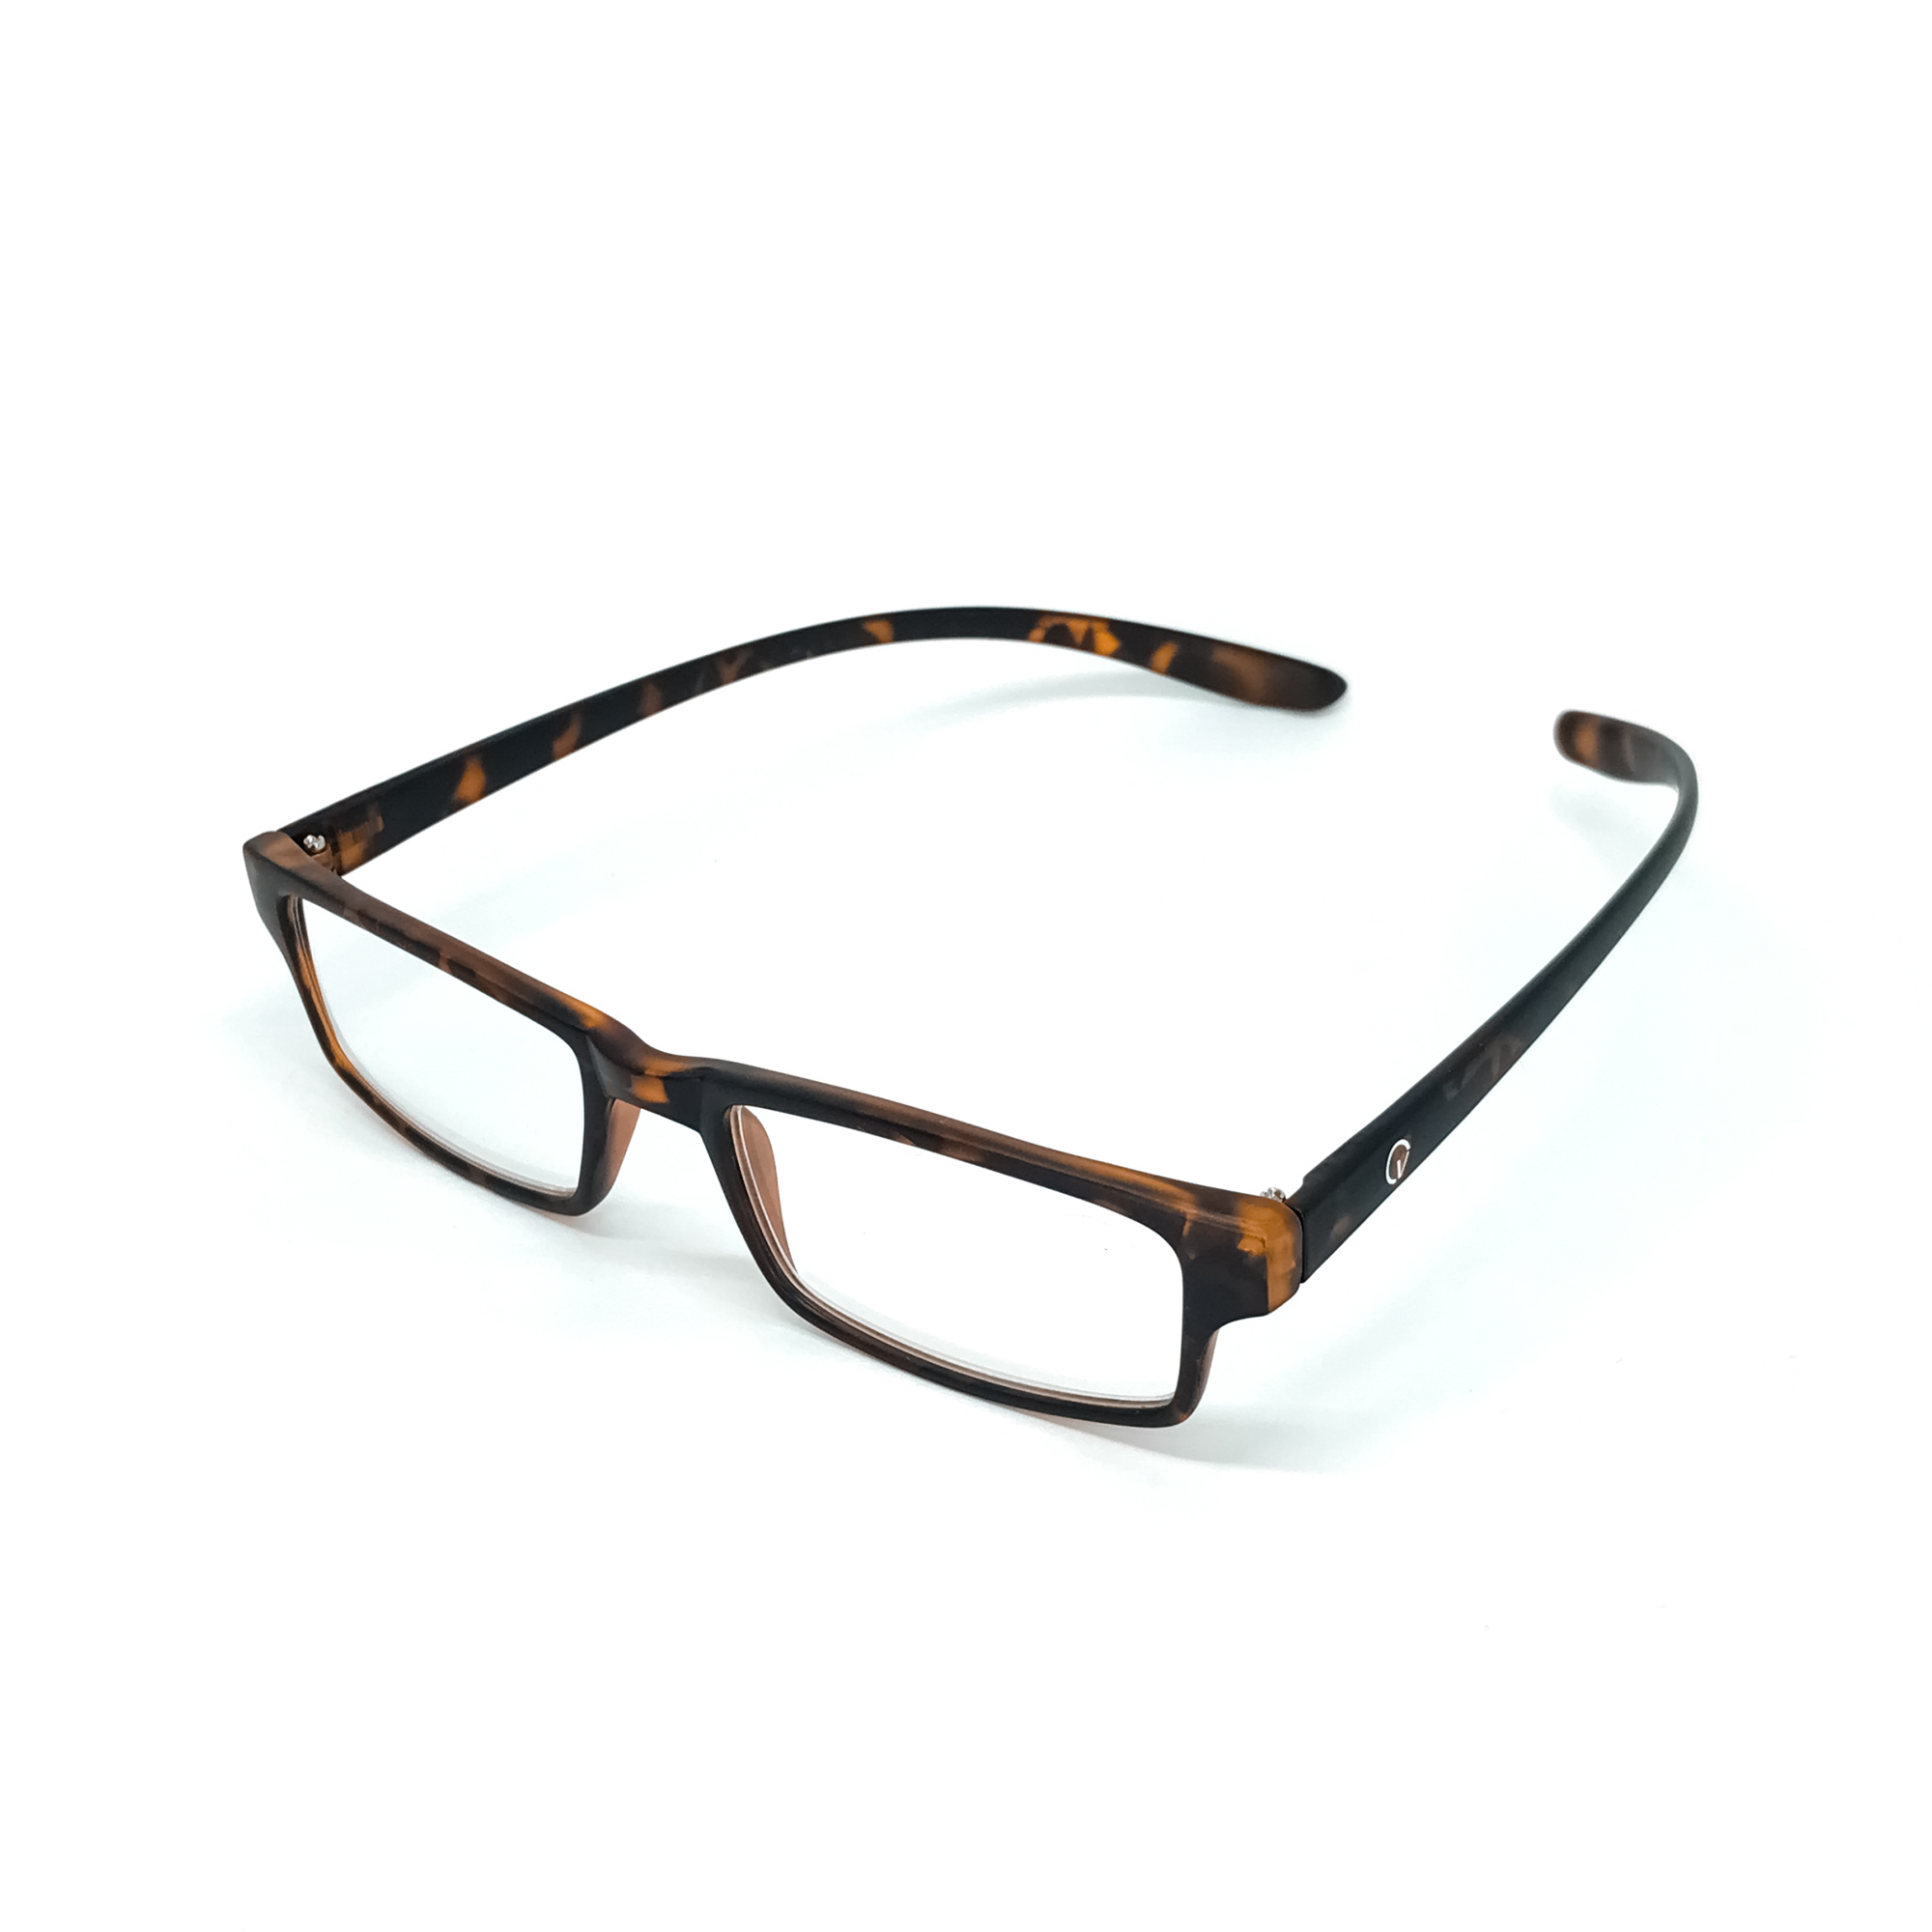 0869024-Óculos Leitura Retangular Demi +2,50 - Contém 1 Peça  - ENTREGA IMEDIATA